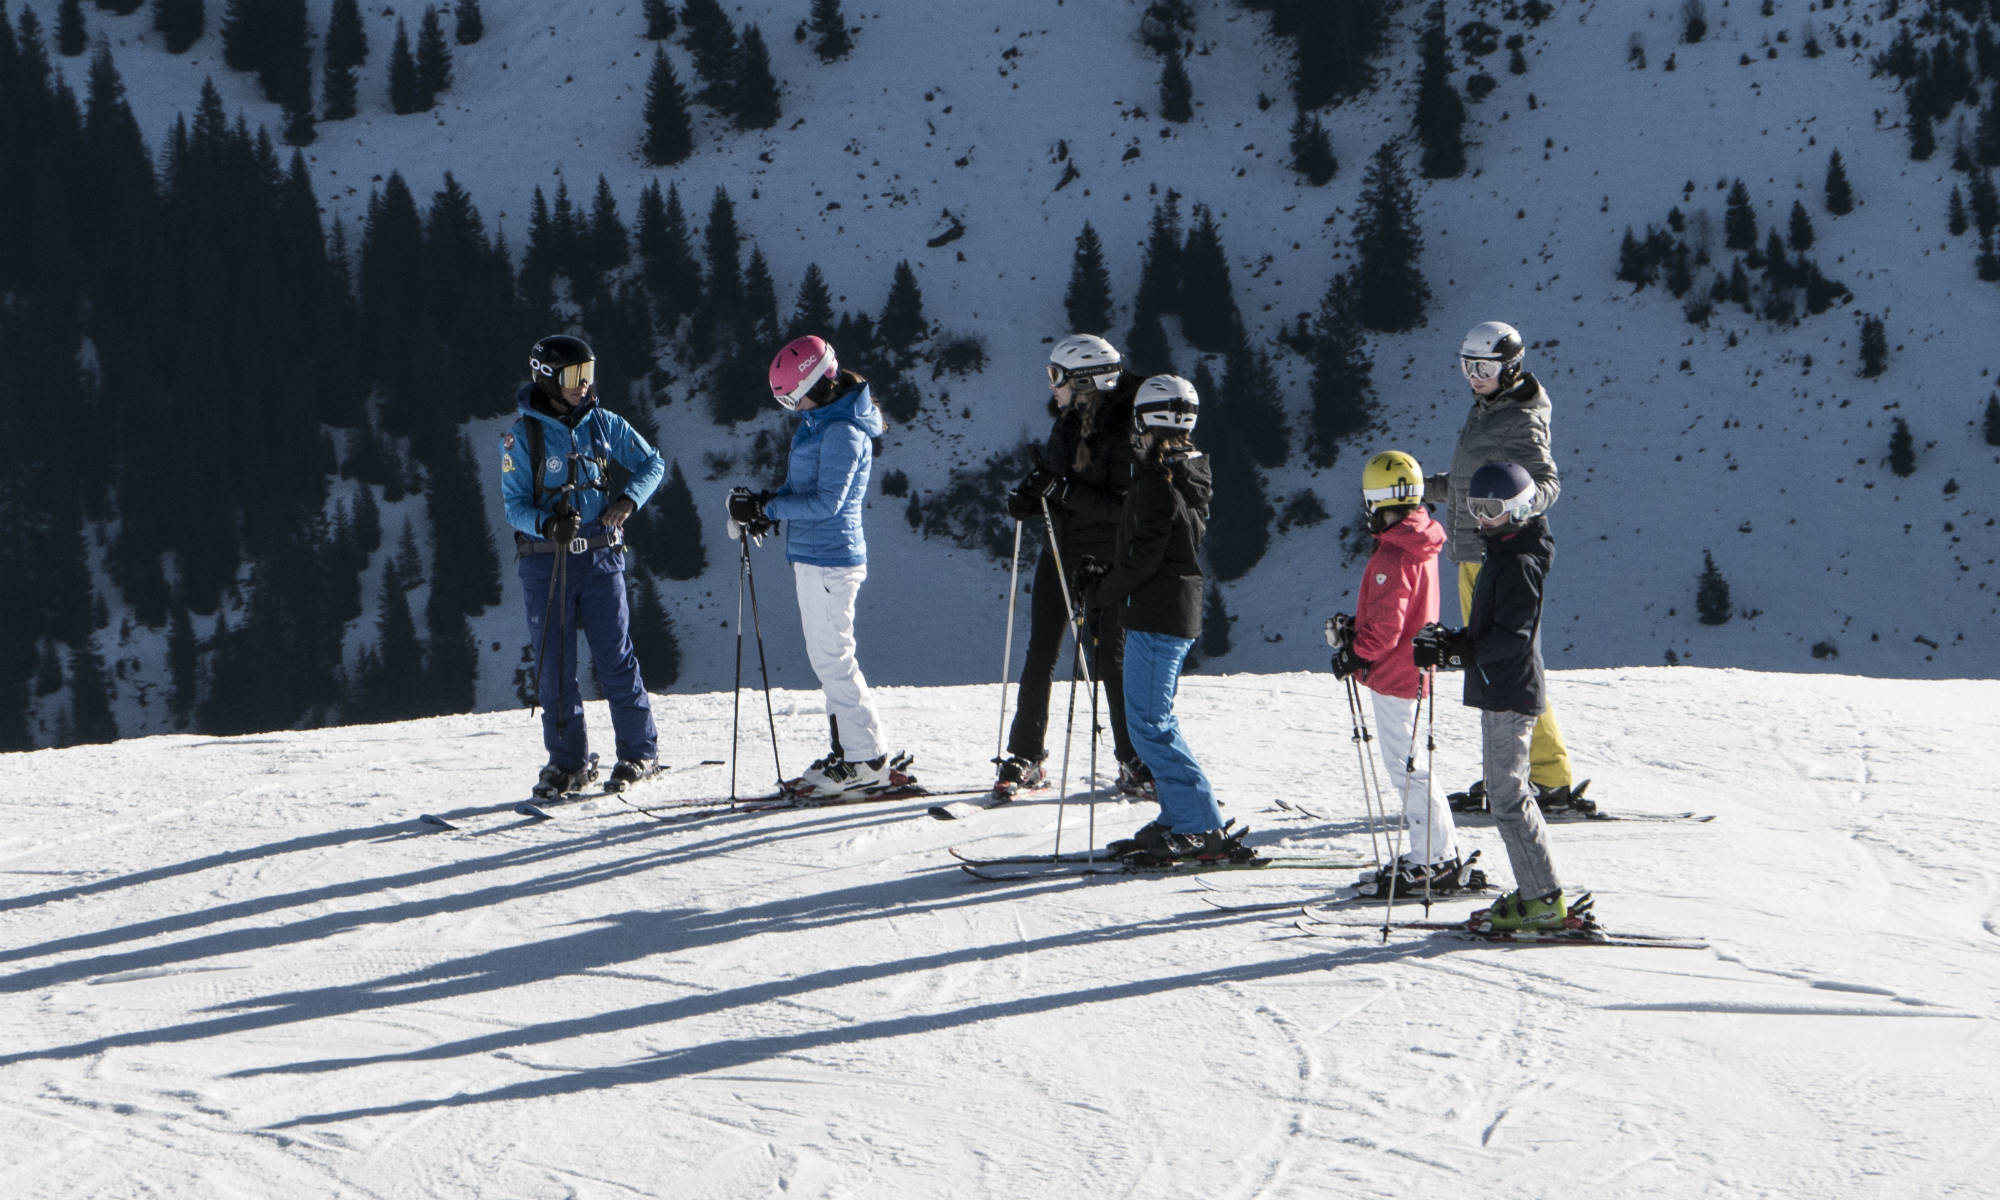 Un gruppo di 6 sciatori ascolta le istruzioni del maestro di sci.